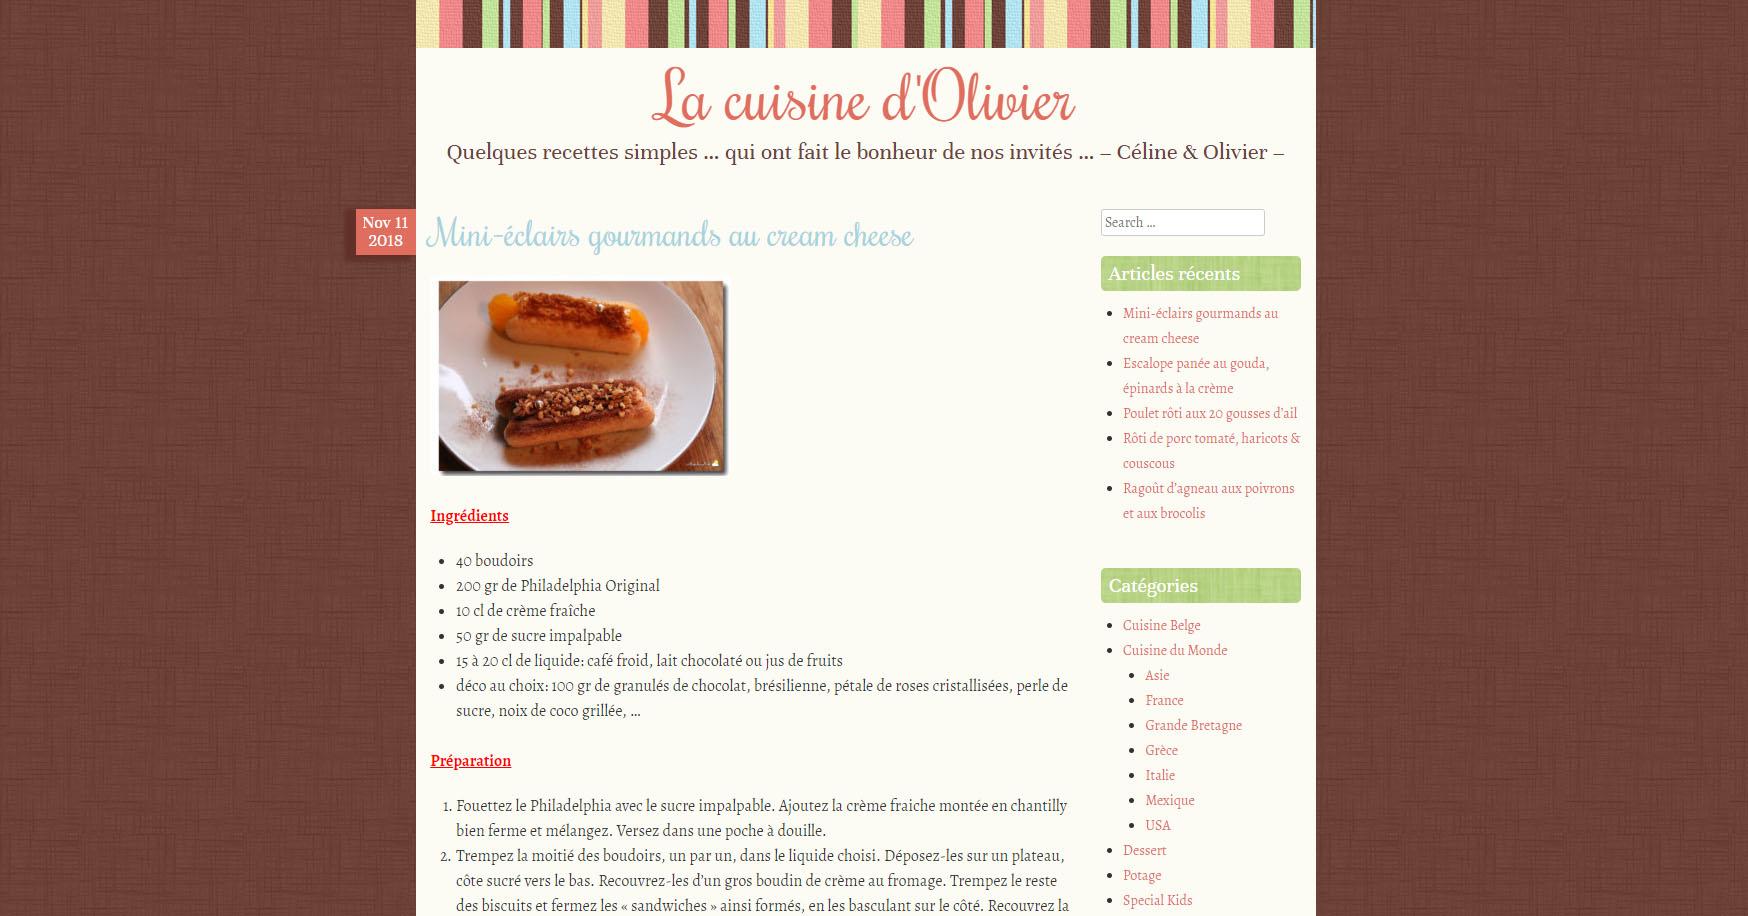 La Cuisine d'Olivier